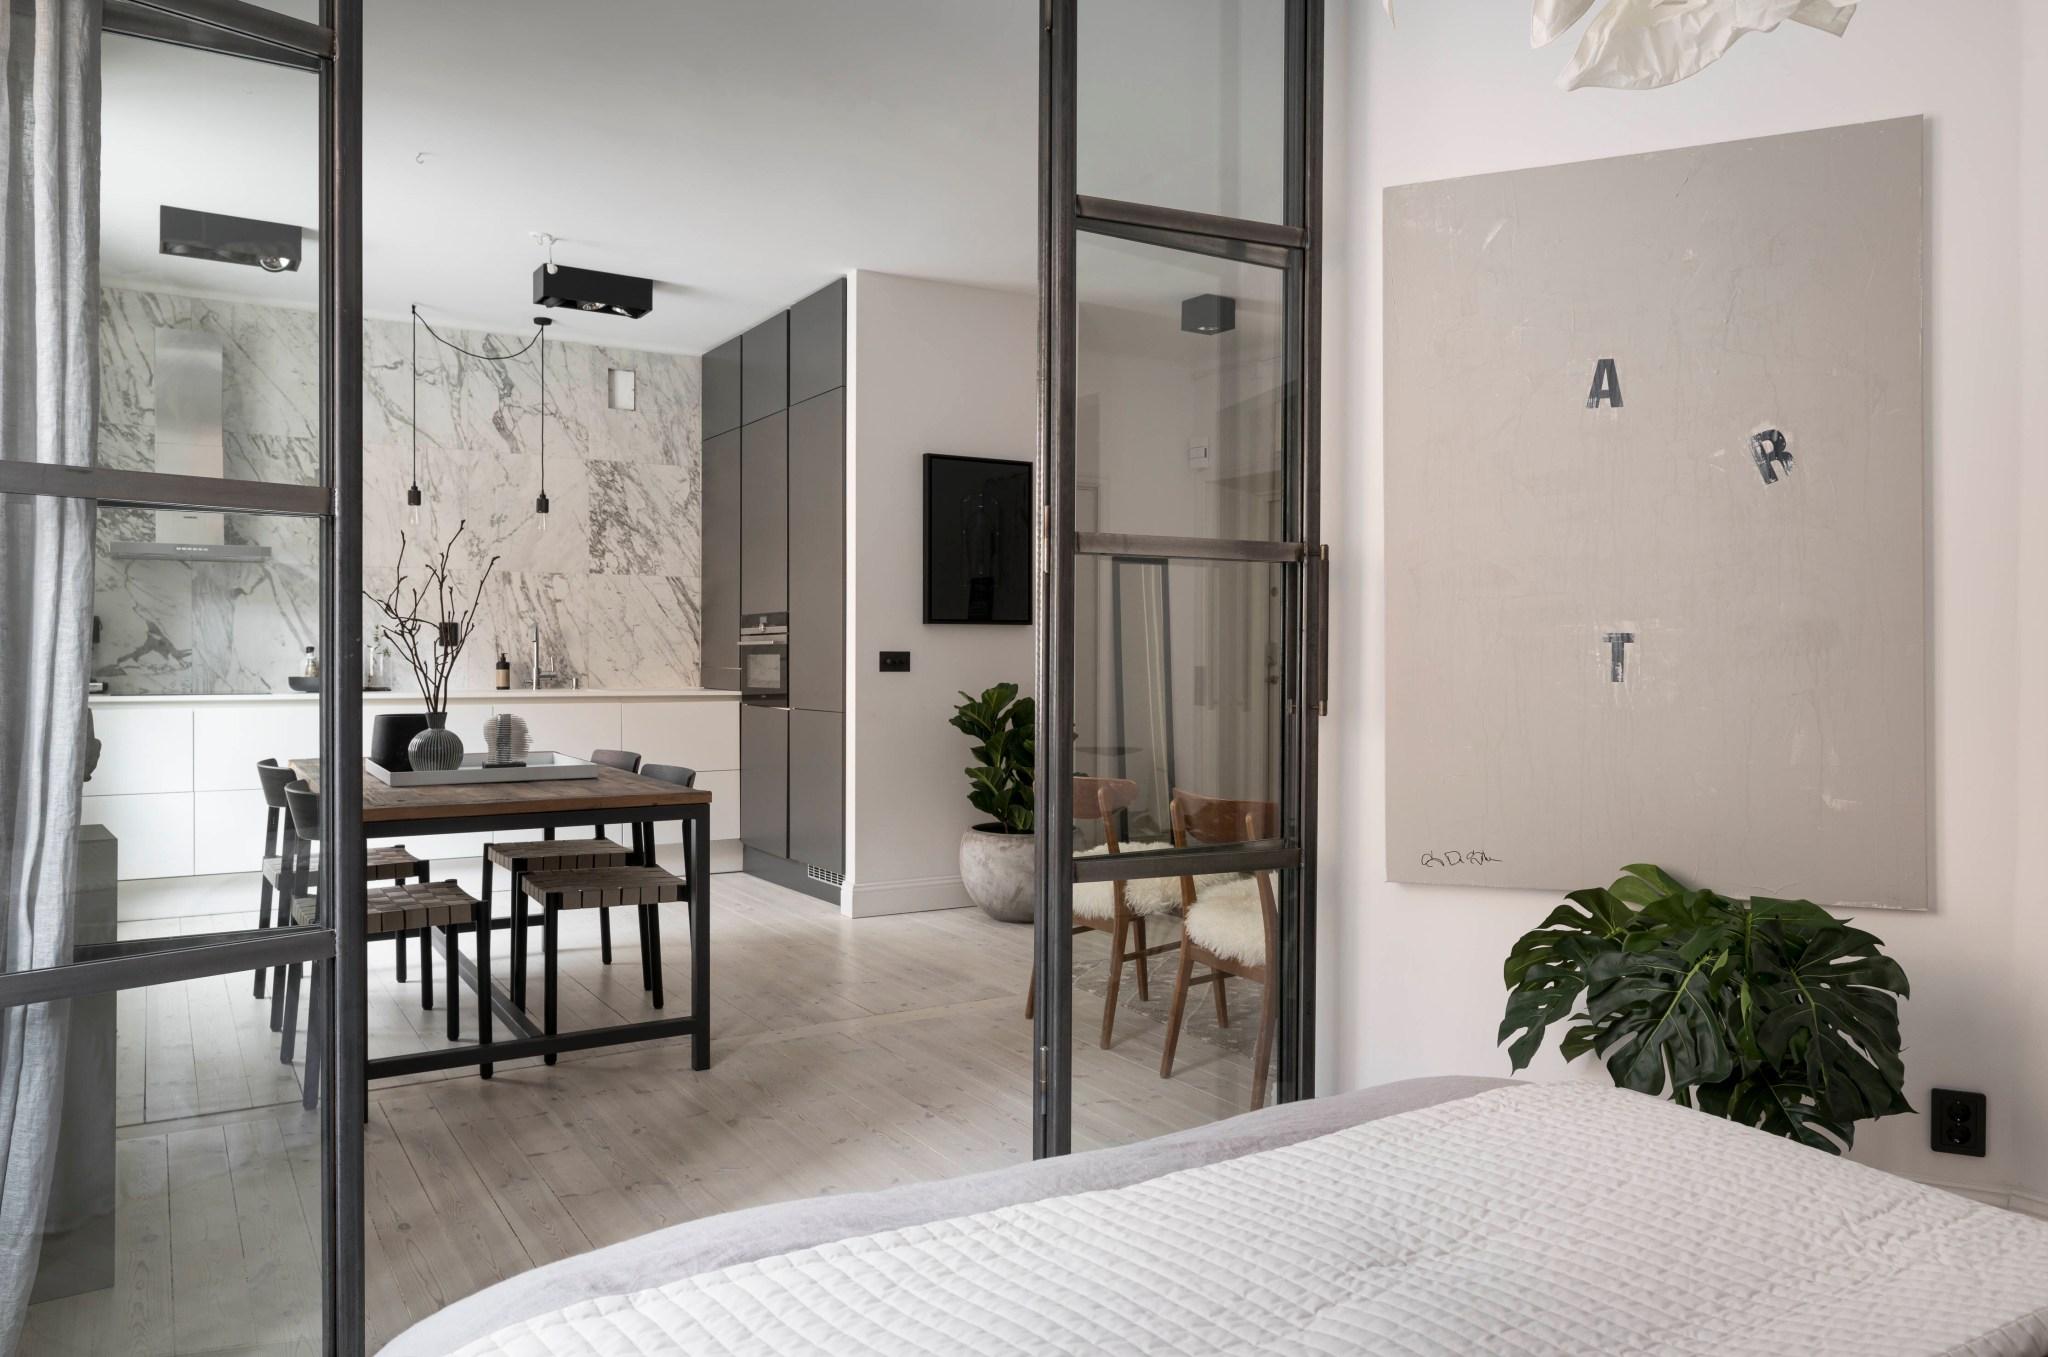 Uși de sticlă între living și dormitor într o garsonieră de 49 m² din Suedia 17